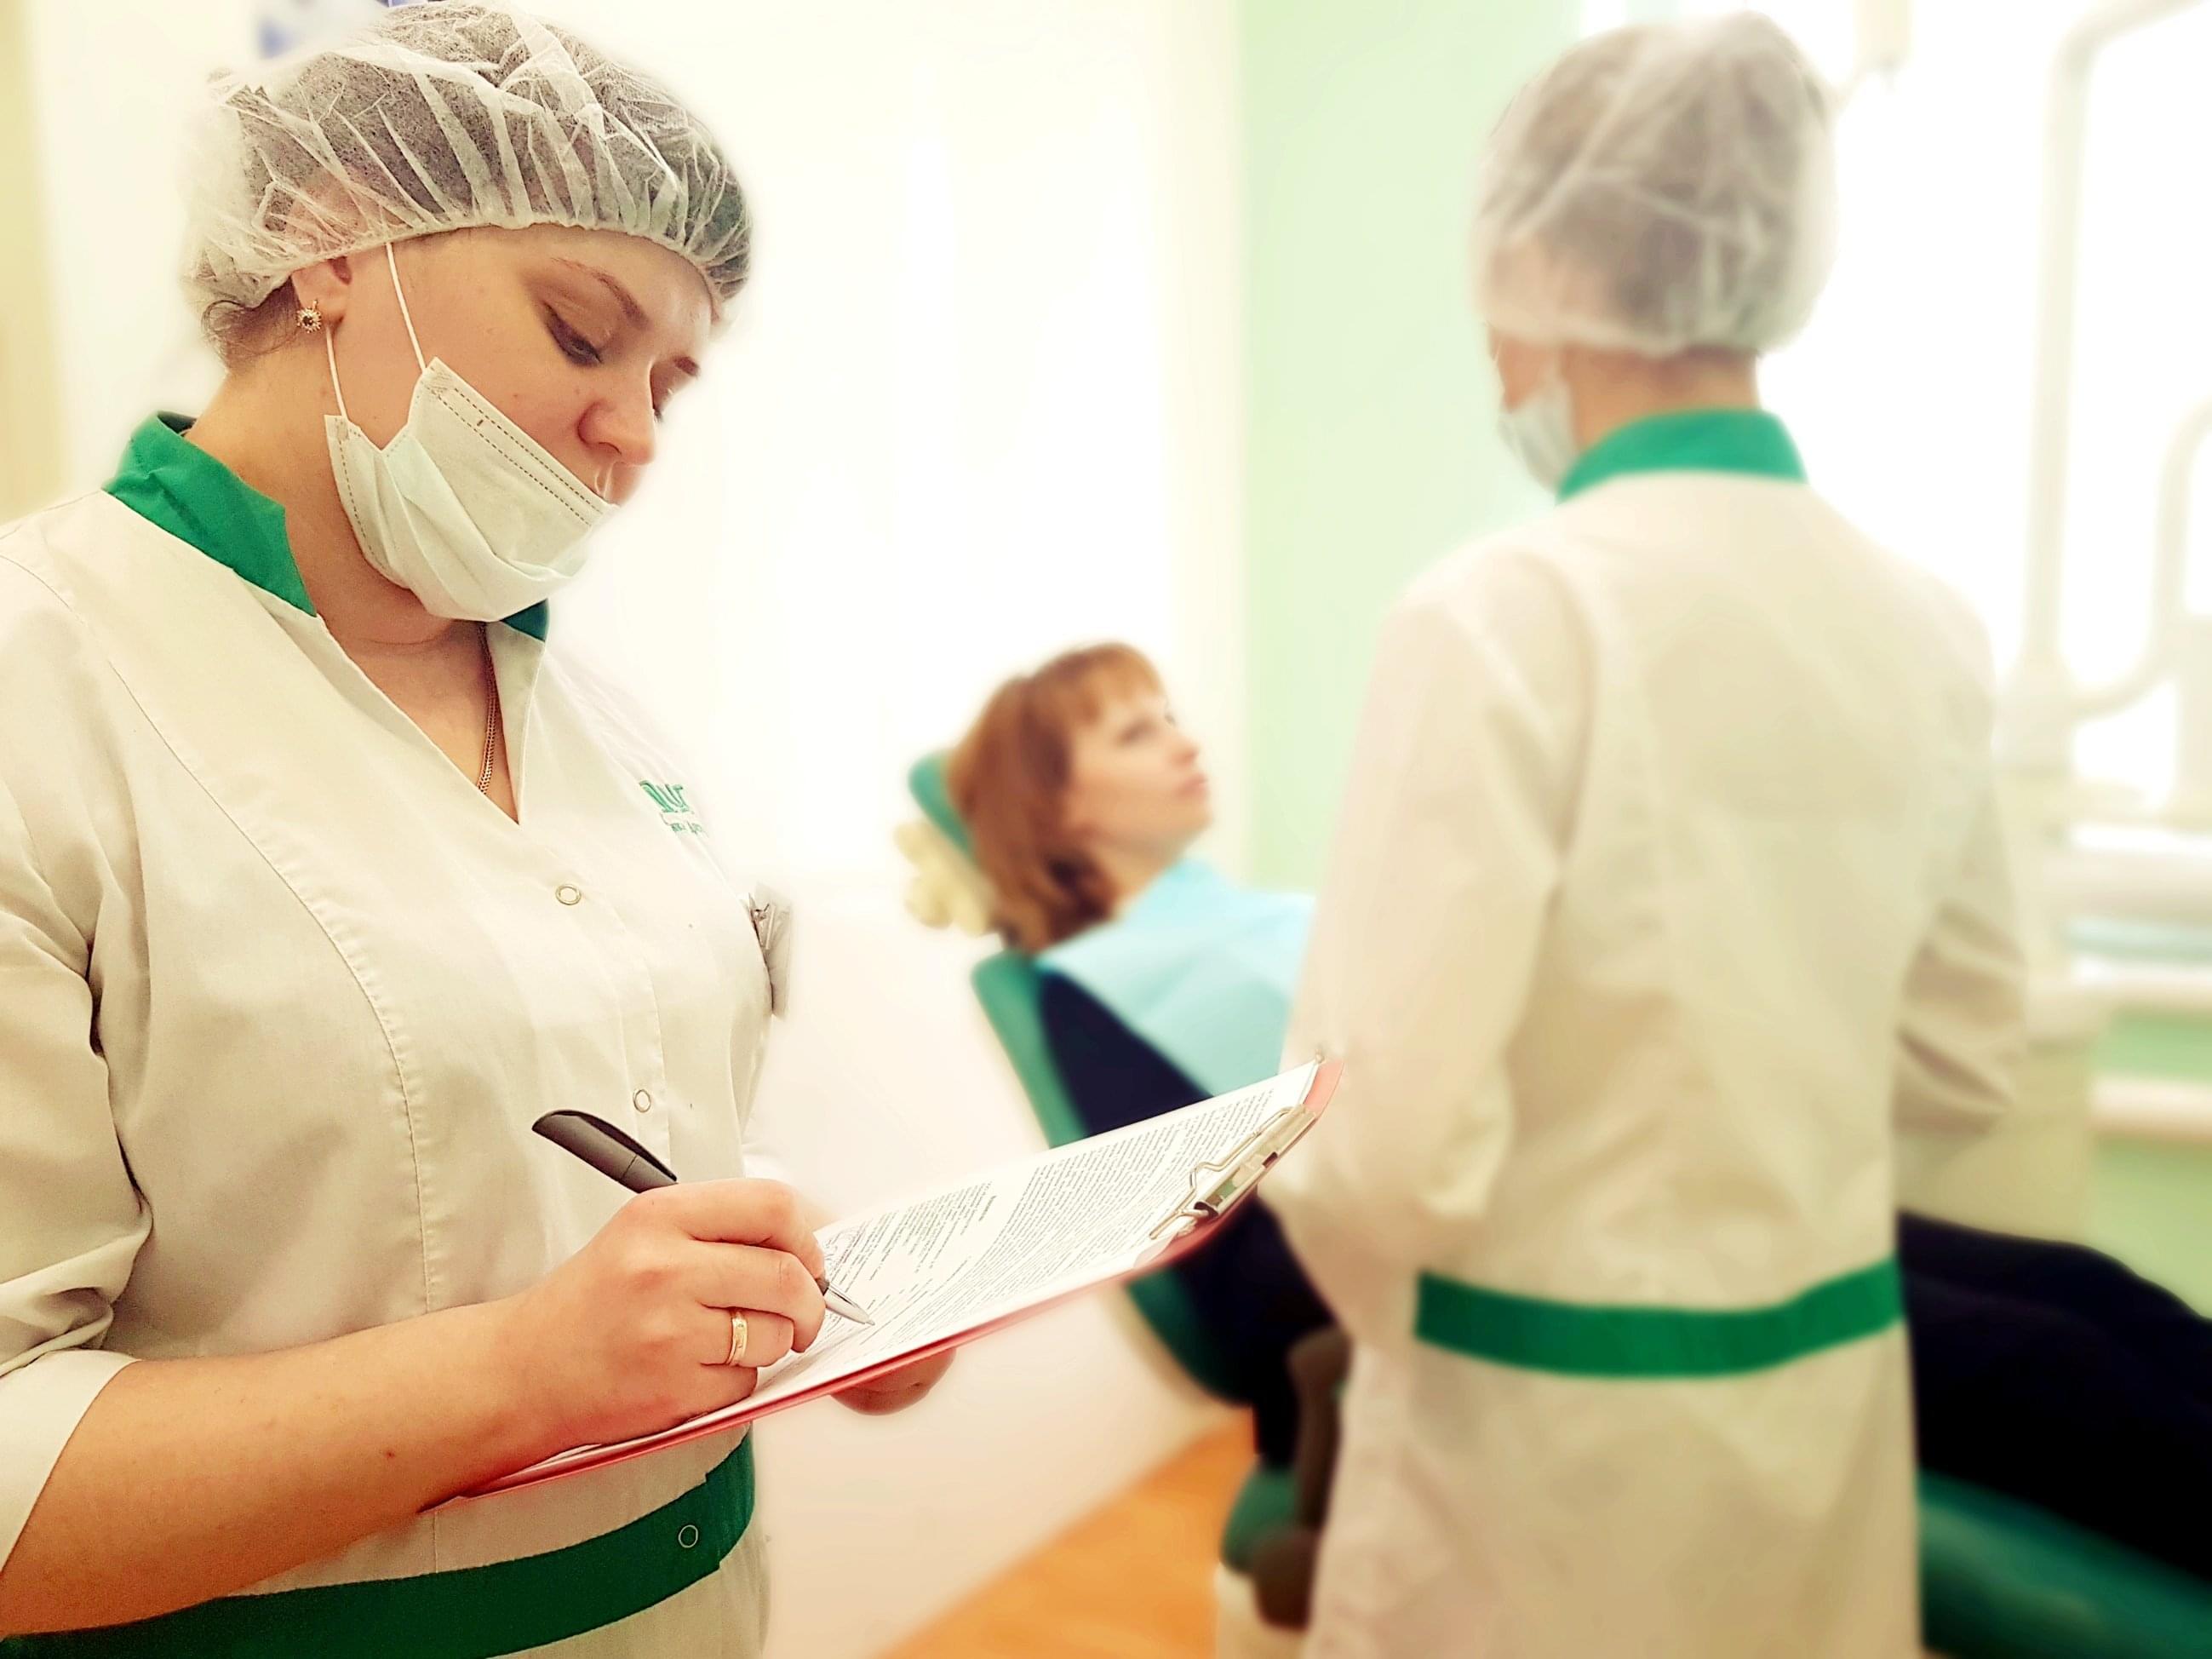 контроль качества доктор мут